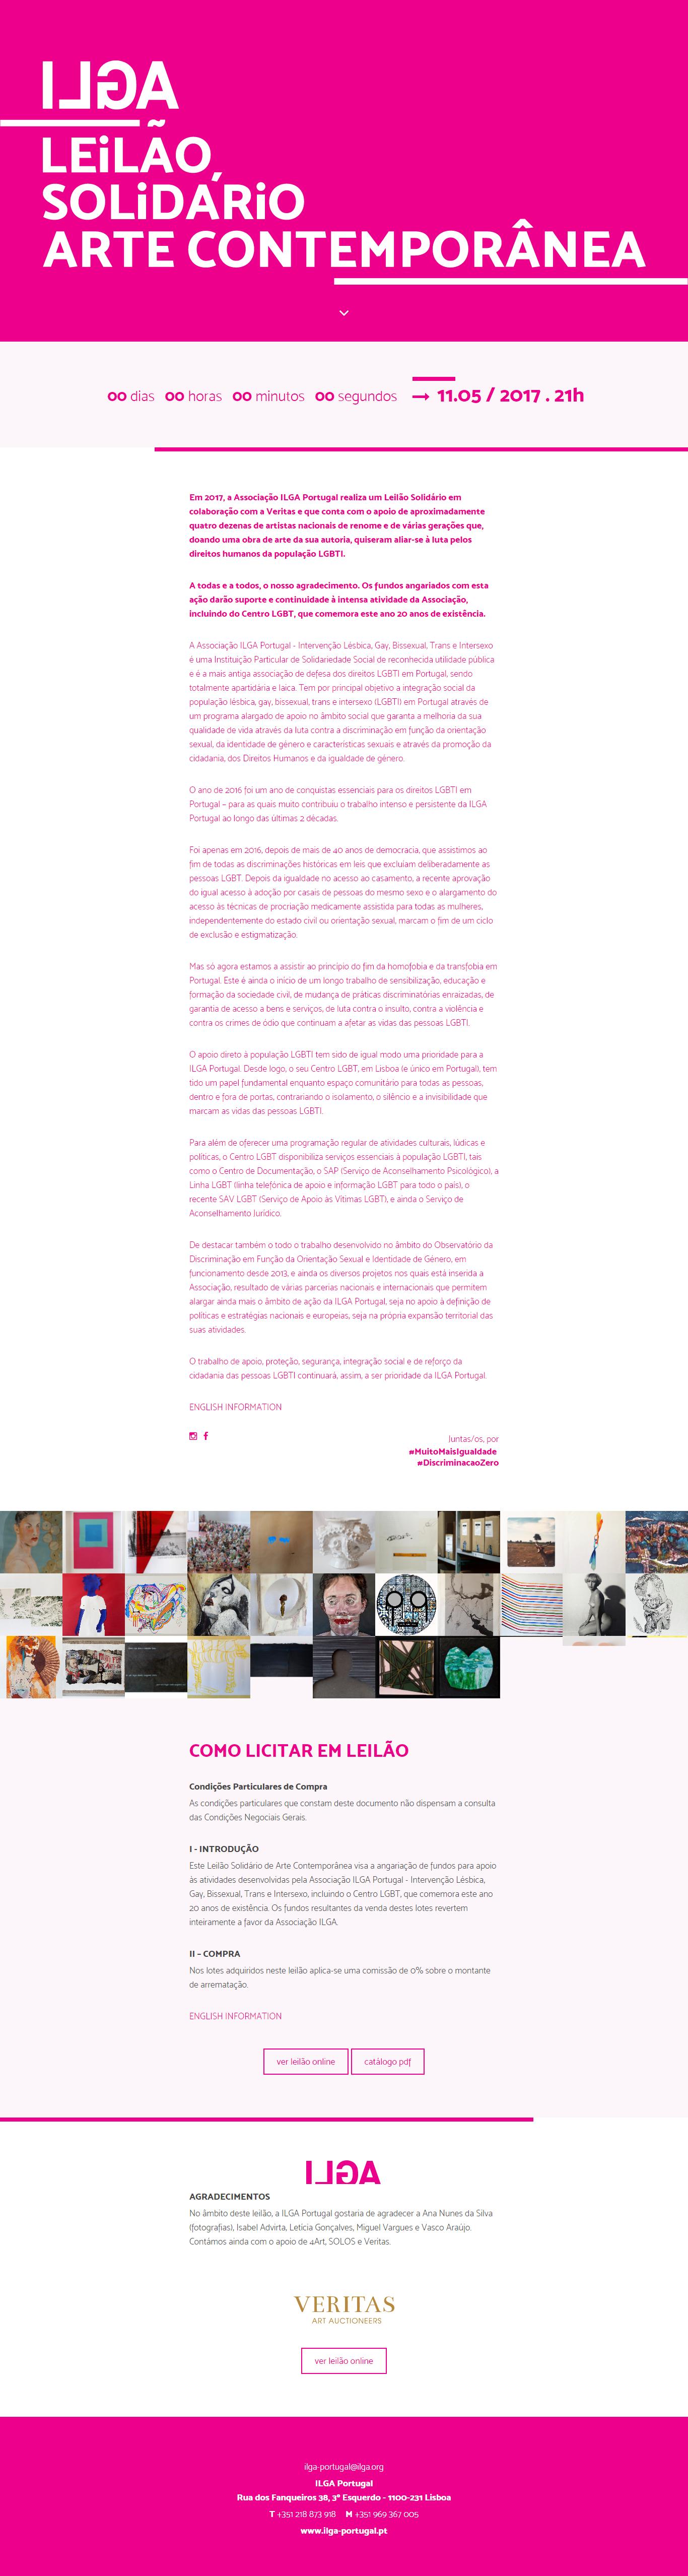 Leilão de arte | Landing page